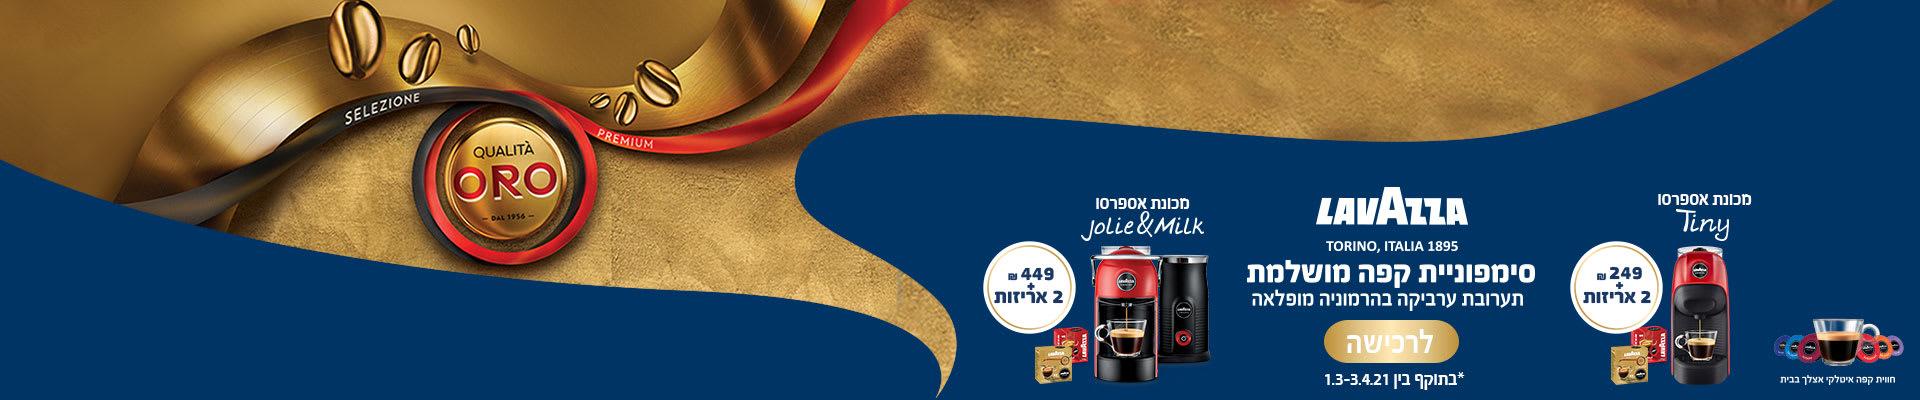 LAVAZZA TORINO ITALY סימפוניית קפה מושלמת תערובת ערביקה בהרמוניה מופלאה מכונת אספרסו TINY 249 ₪ + 2 אריזות מכונת אספרסו JOLIE &MILK 449 ₪ + 2 אריזות חויית קפה איטלקי אצלך בבית לרכישה * בתוקף בין 1.3-2.4.21